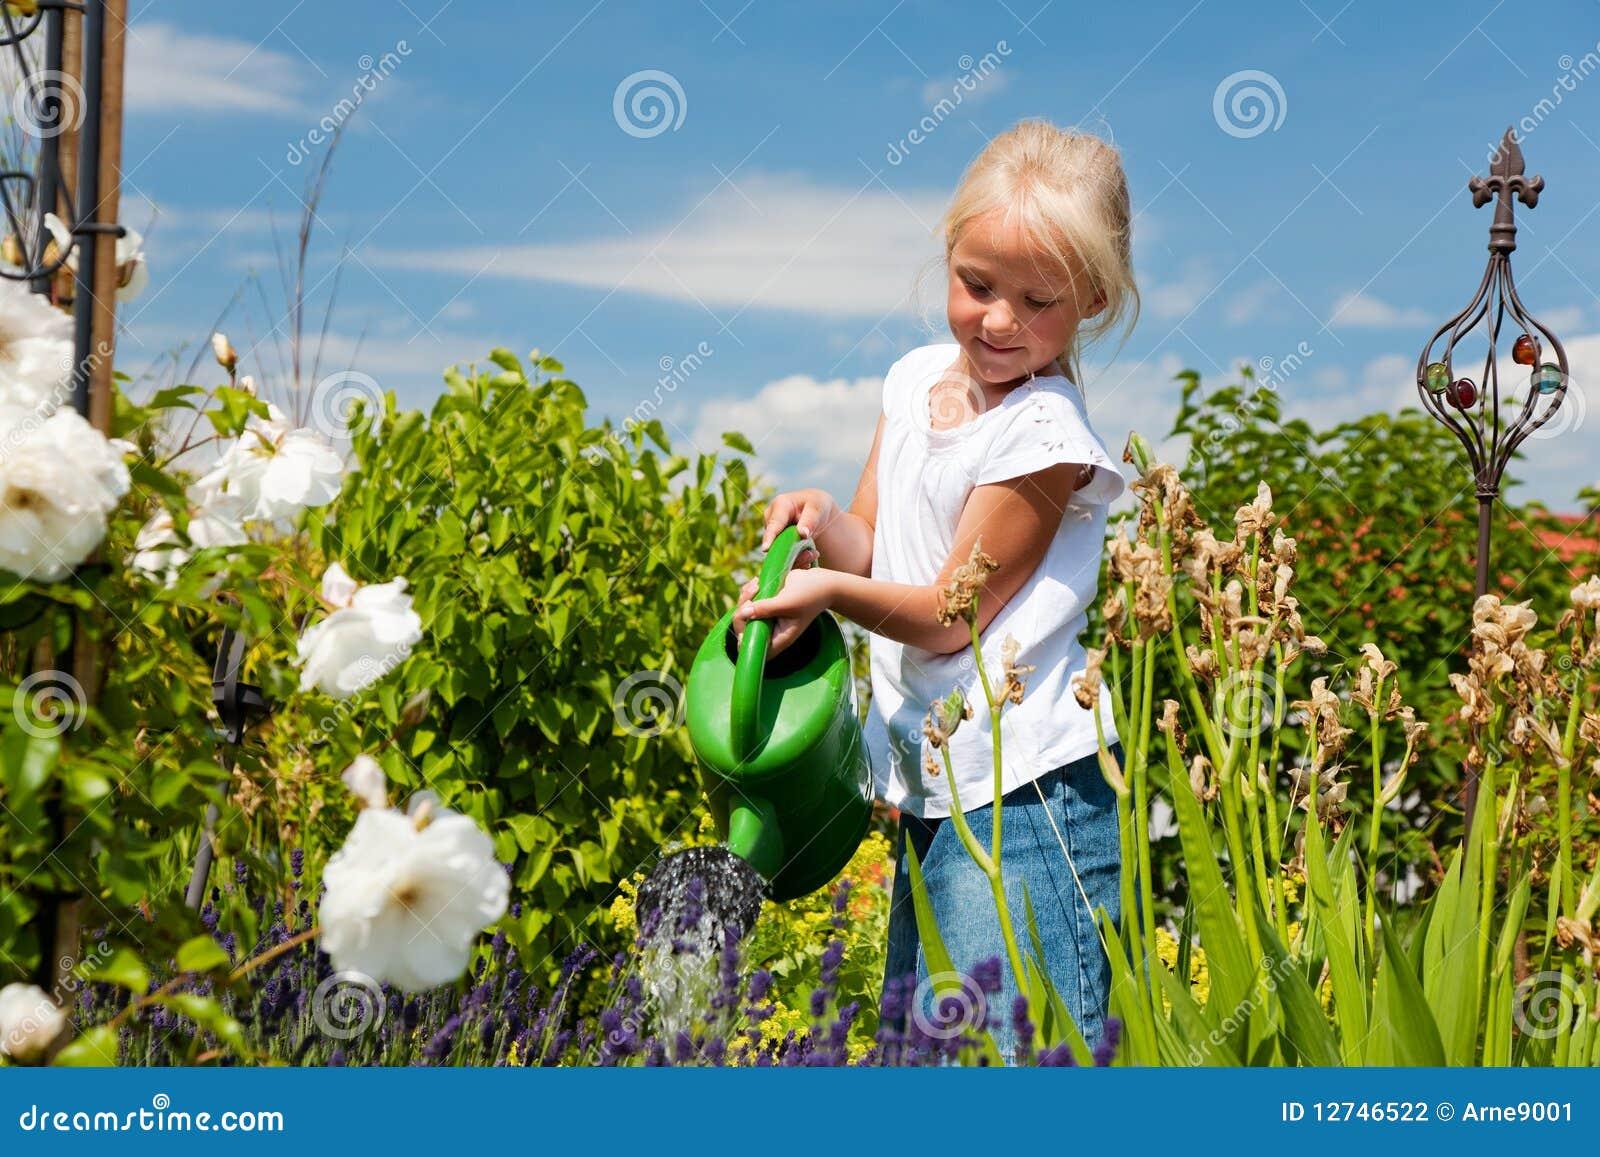 Flores de riego de la niña